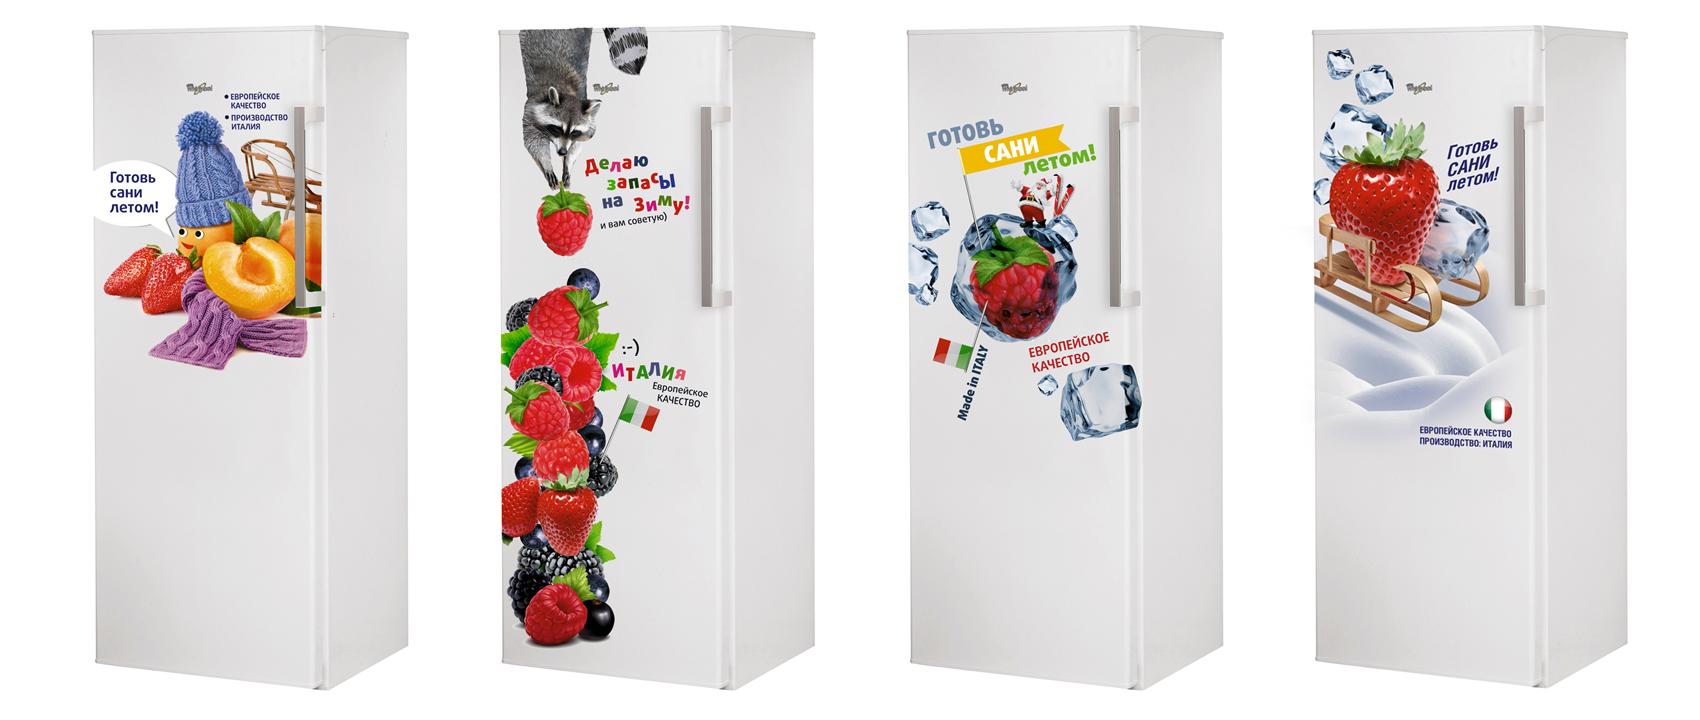 Рекламные акционные наклейки на холодильники